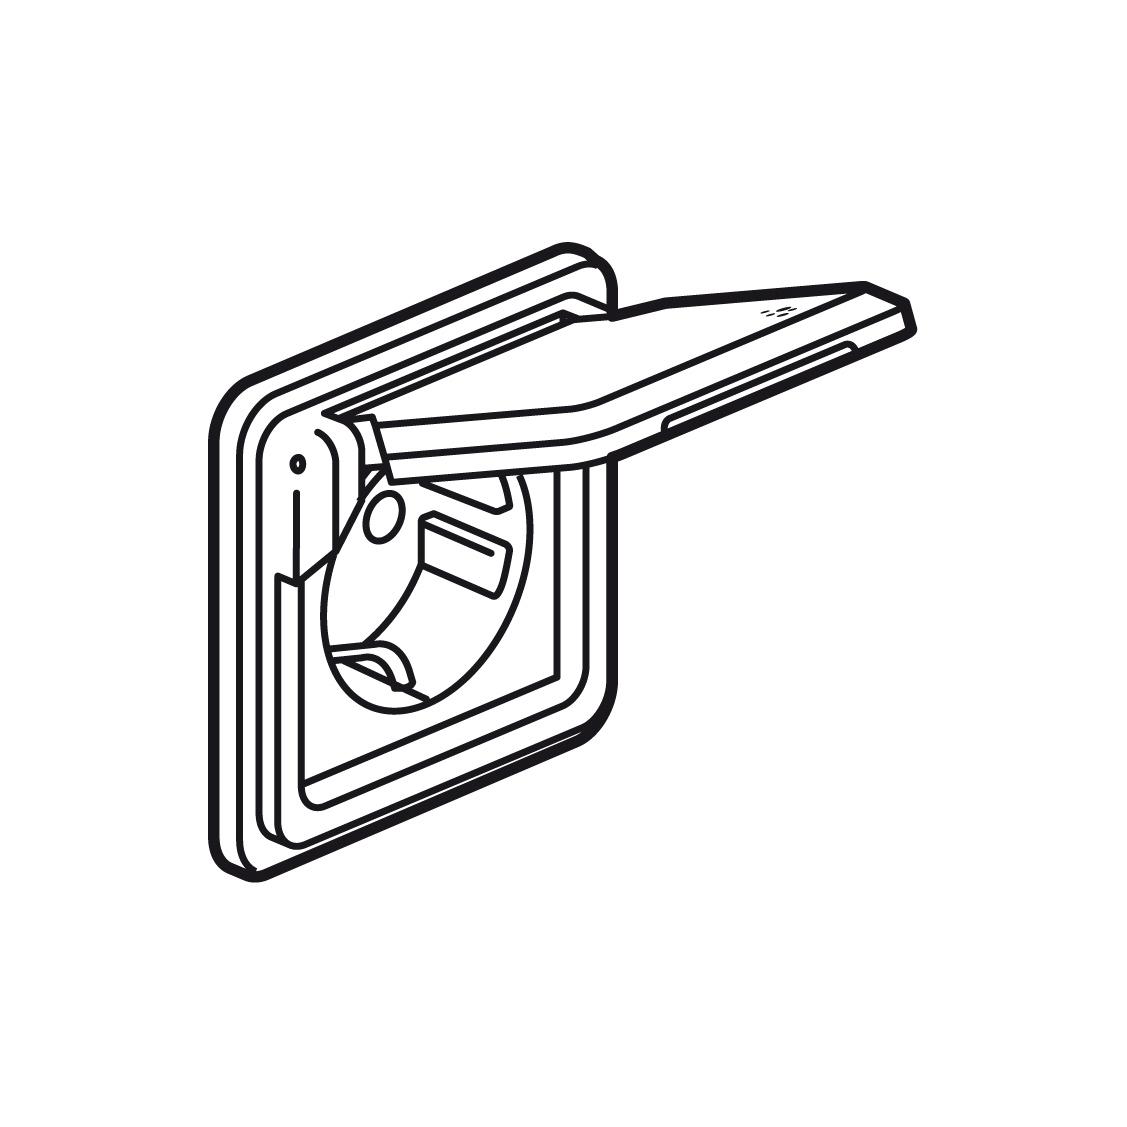 Розетка Legrand SOLIROC, скрытый монтаж, с заземлением, с крышкой, со шторками, хром, 077835